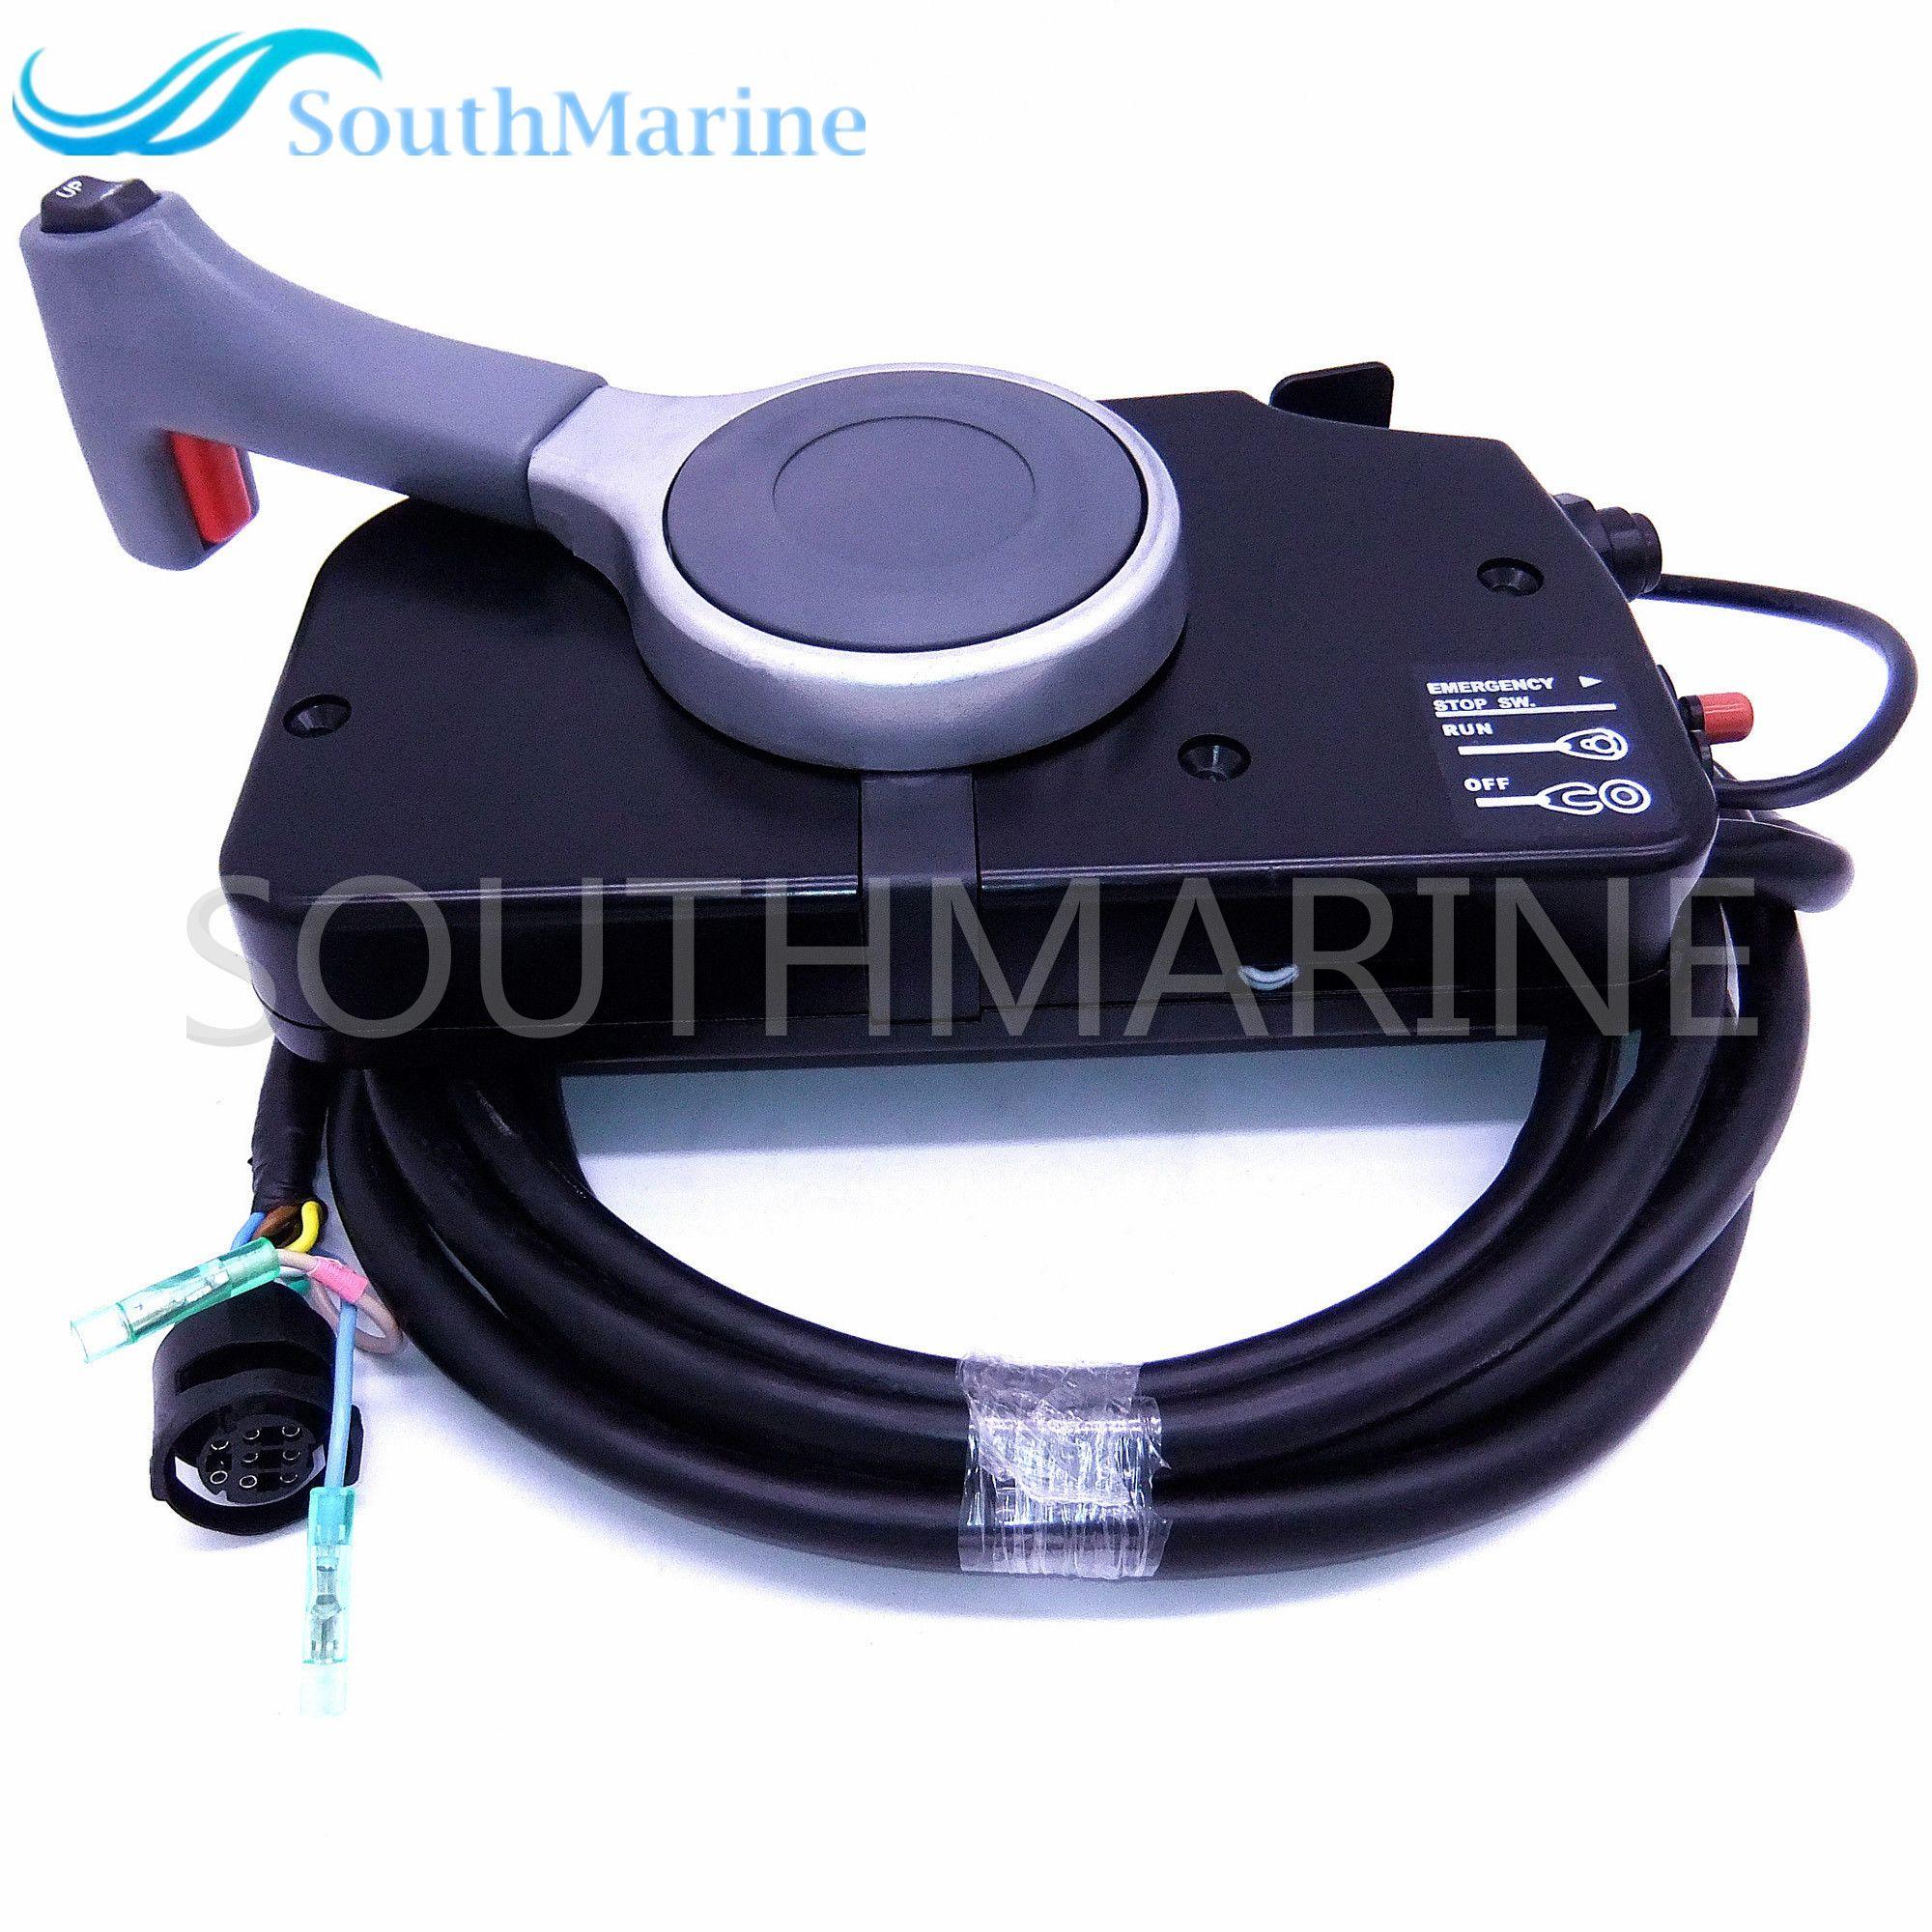 Outboard Motors 67200-99E56 Side Remote Control Box for Suzuki with PT Push 67000-99E56 67200-99E71 ,Free Shipping